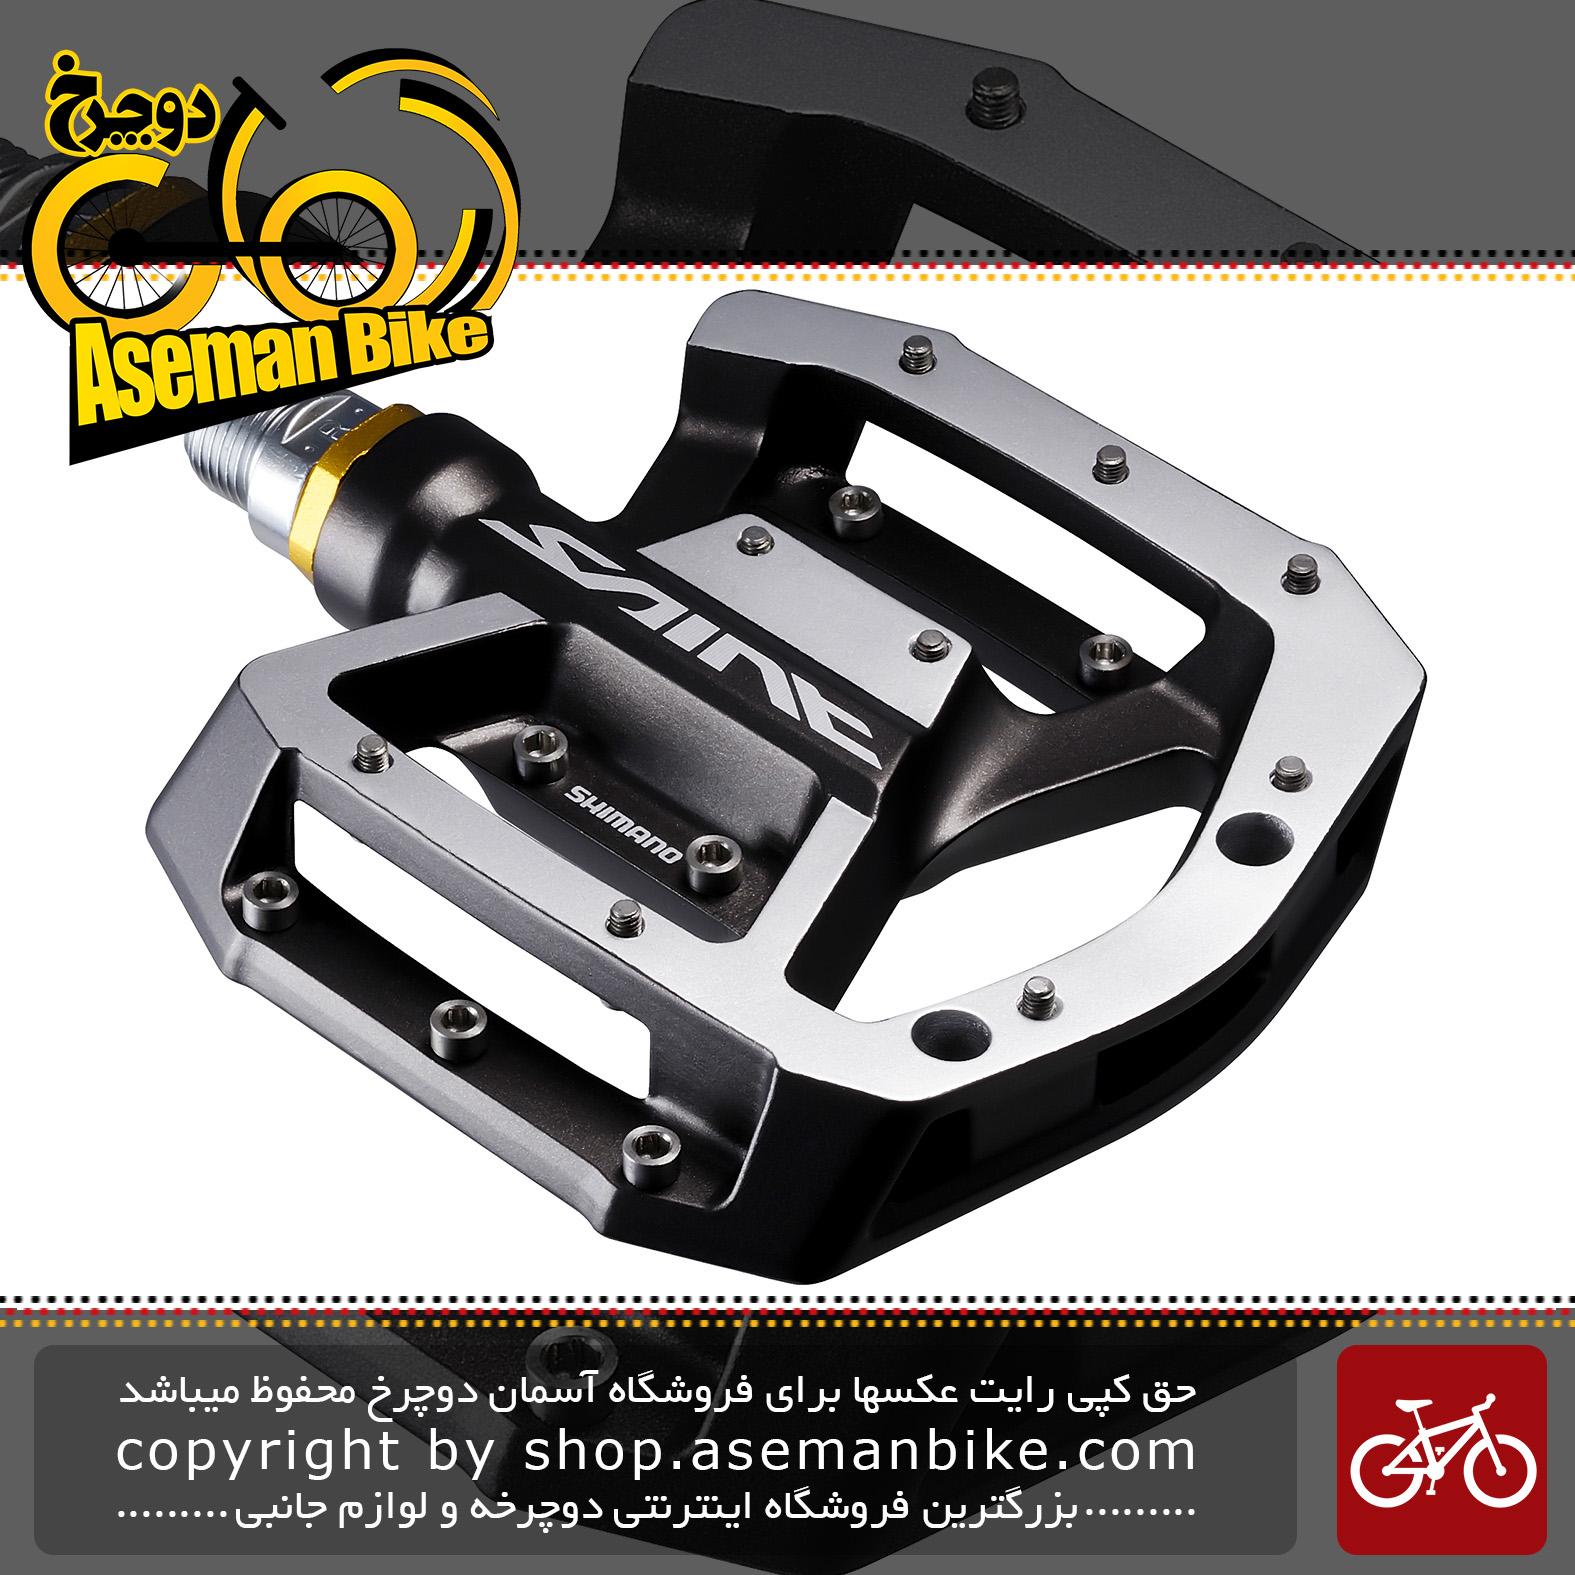 پدال رکاب دوچرخه شیمانو مدل سینت ام ایکس 80 Shimano Pedal PD-MX80 SAINT